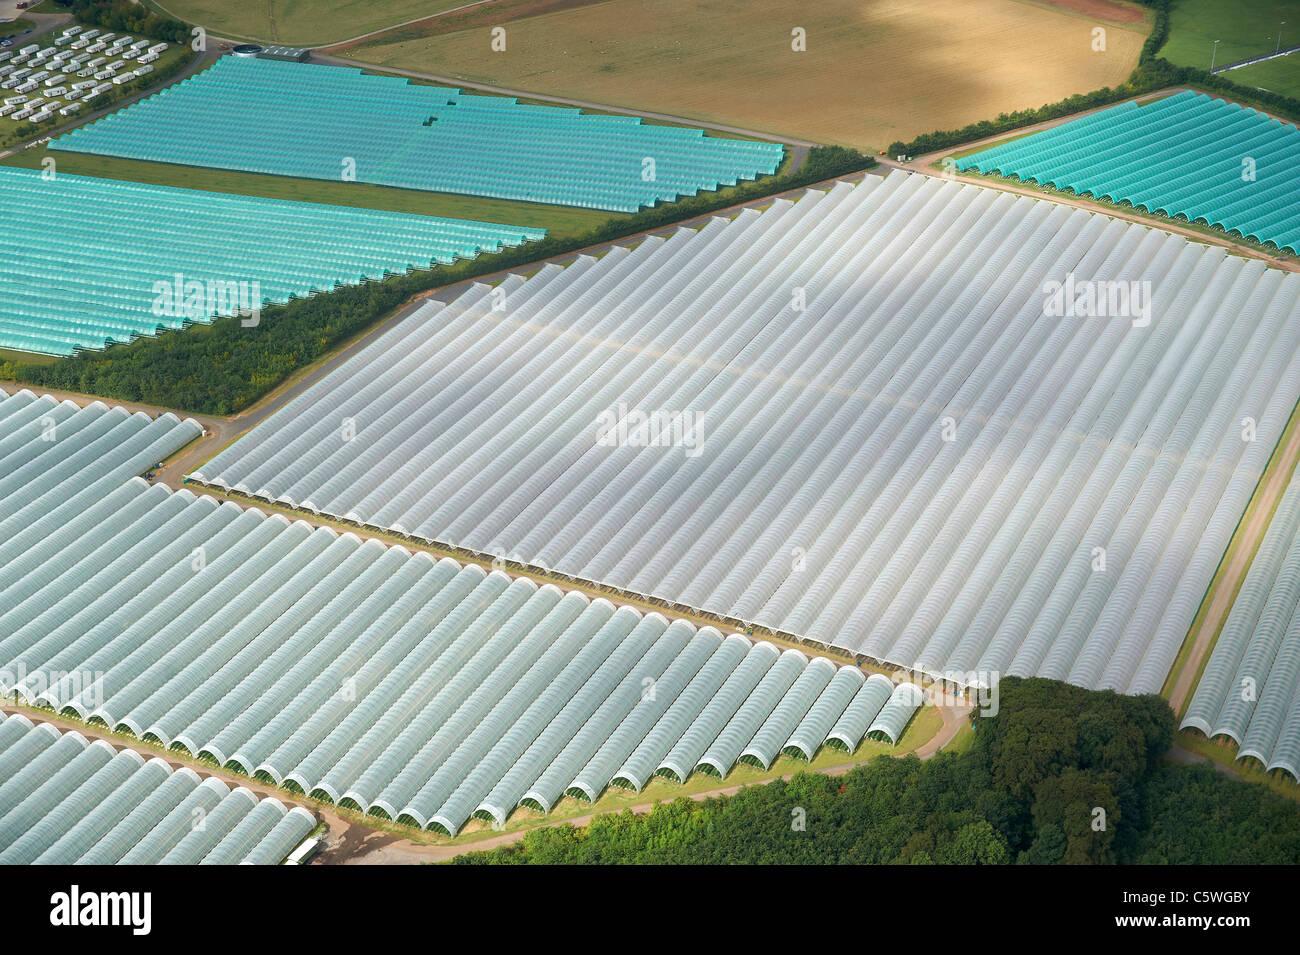 Los túneles de polietileno - el crecimiento de cultivos bajo plástico, Leeds (norte de Inglaterra Imagen De Stock